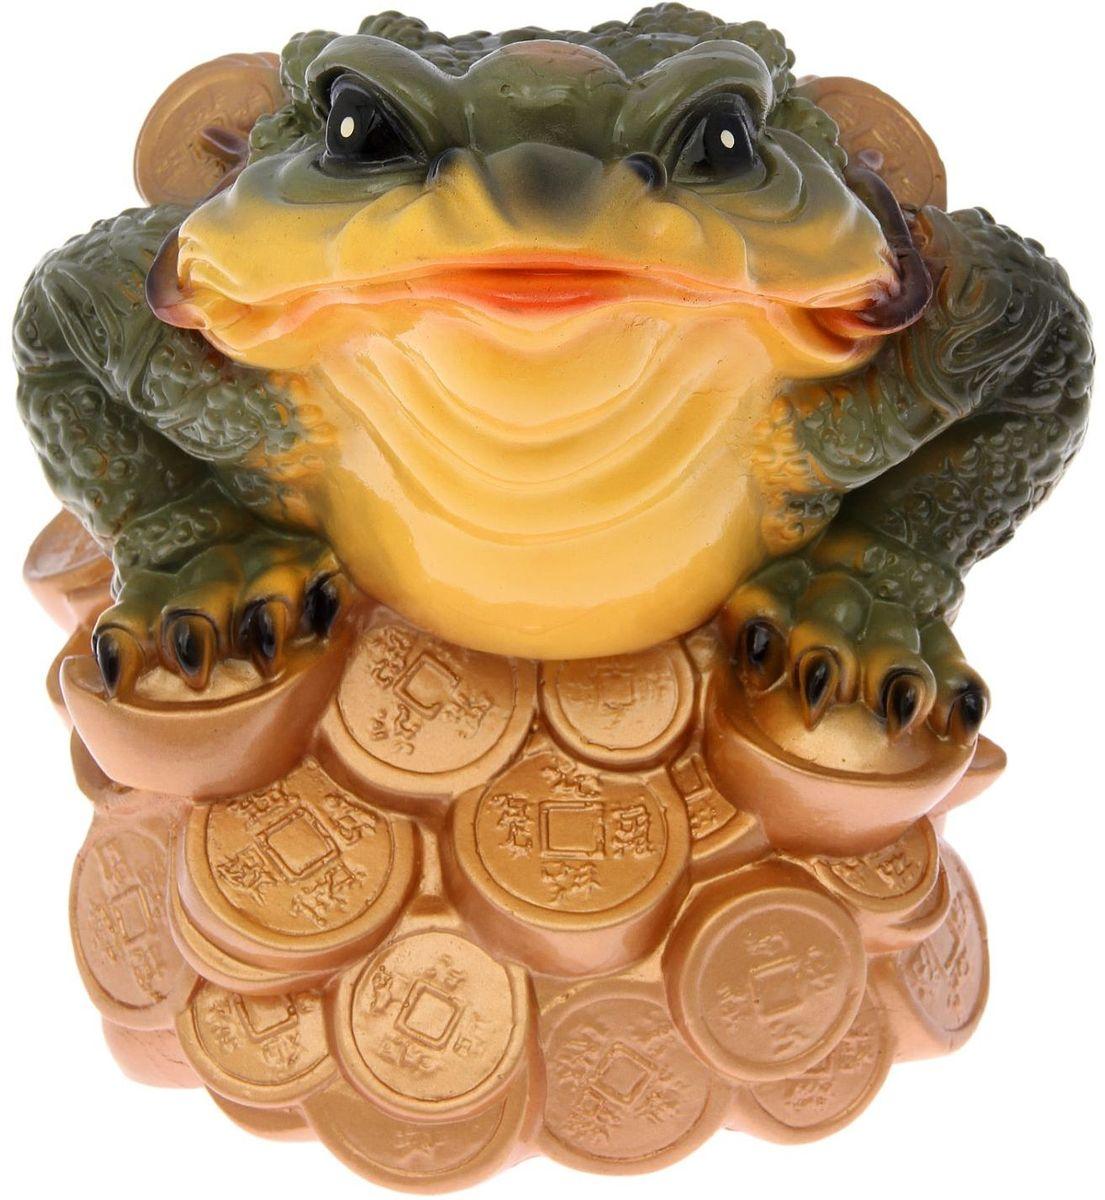 Фигура садовая Лягушка на монетах, 34 х 23 х 25 см2122259